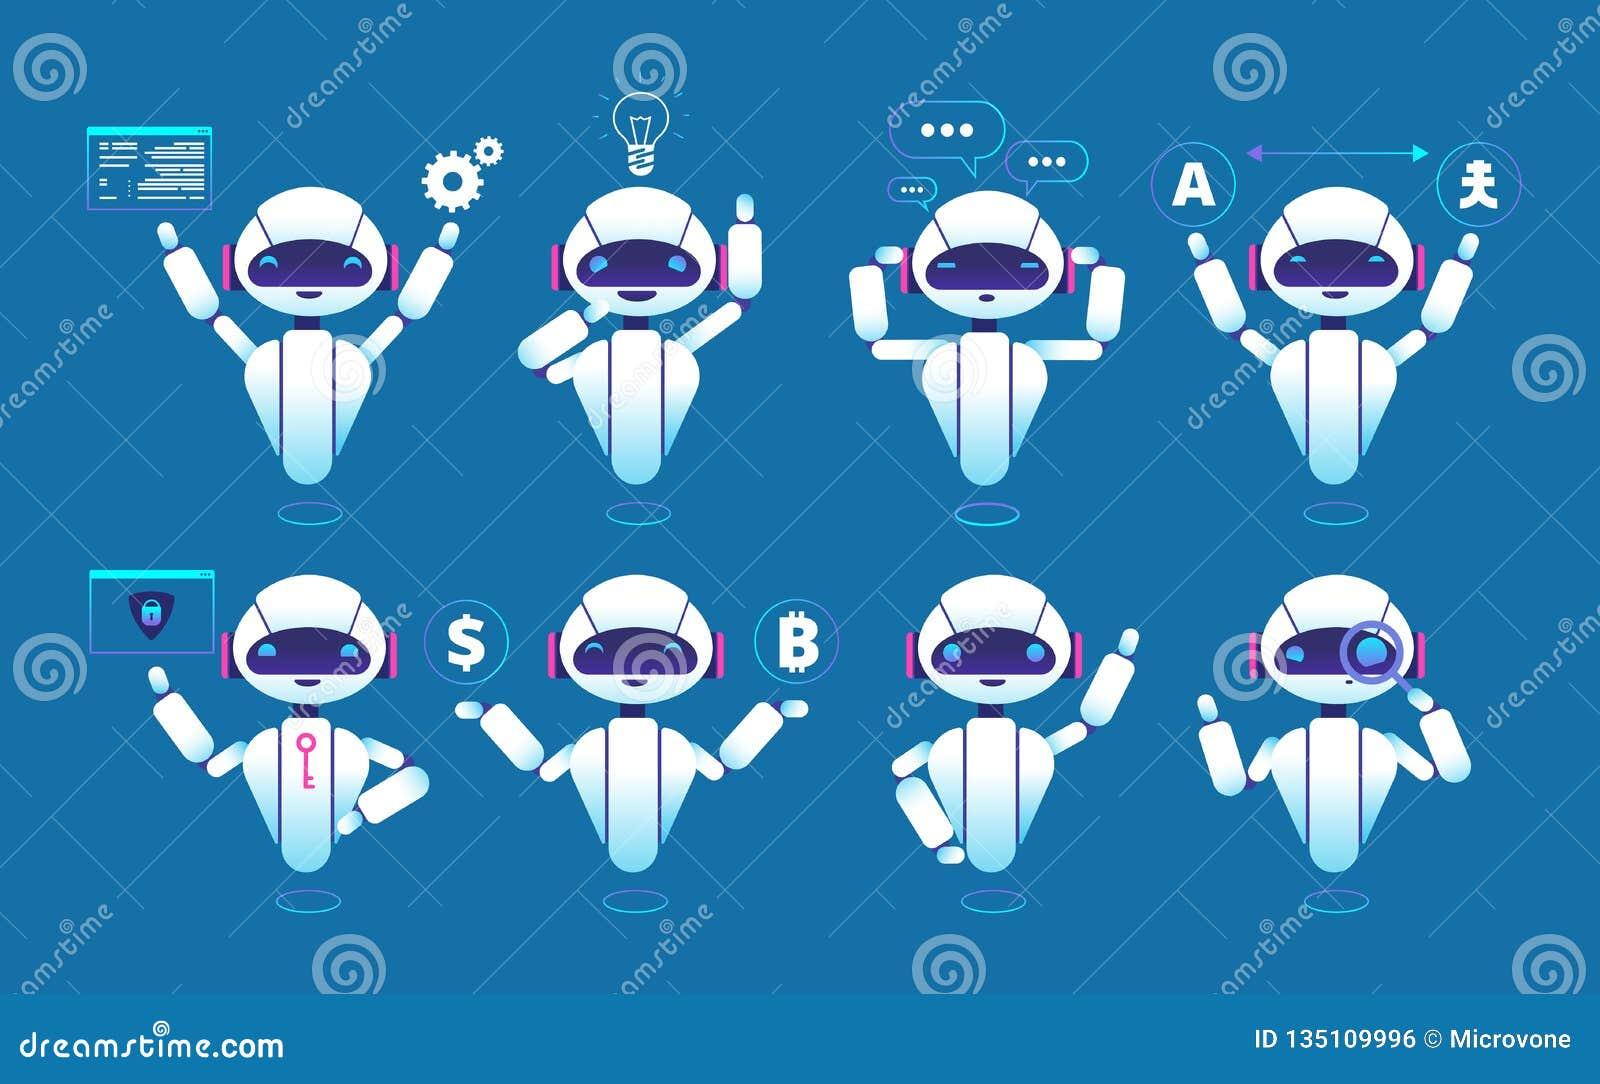 Carattere di Chatbot Robot online di chiacchierata del robot sveglio nelle pose differenti Insieme isolato vettore di Chatterbot